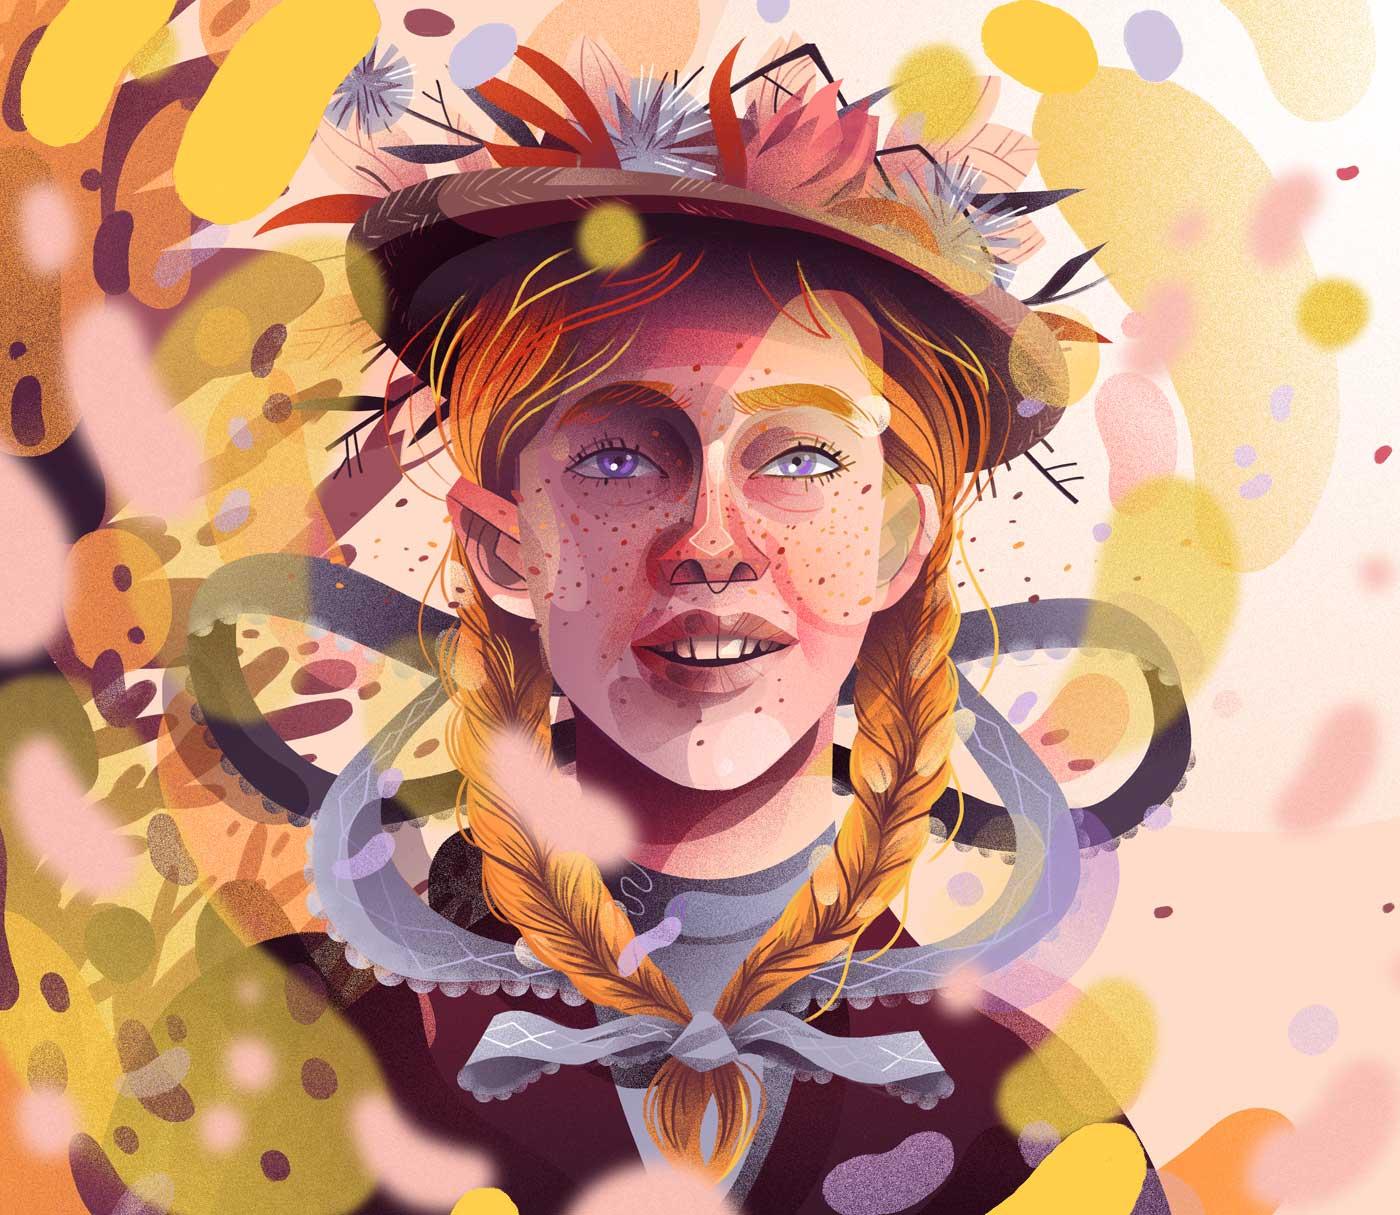 Neue Editorial-Illustrationen von Iza Dudzik Iza-Dudzik-illustration-2020_02